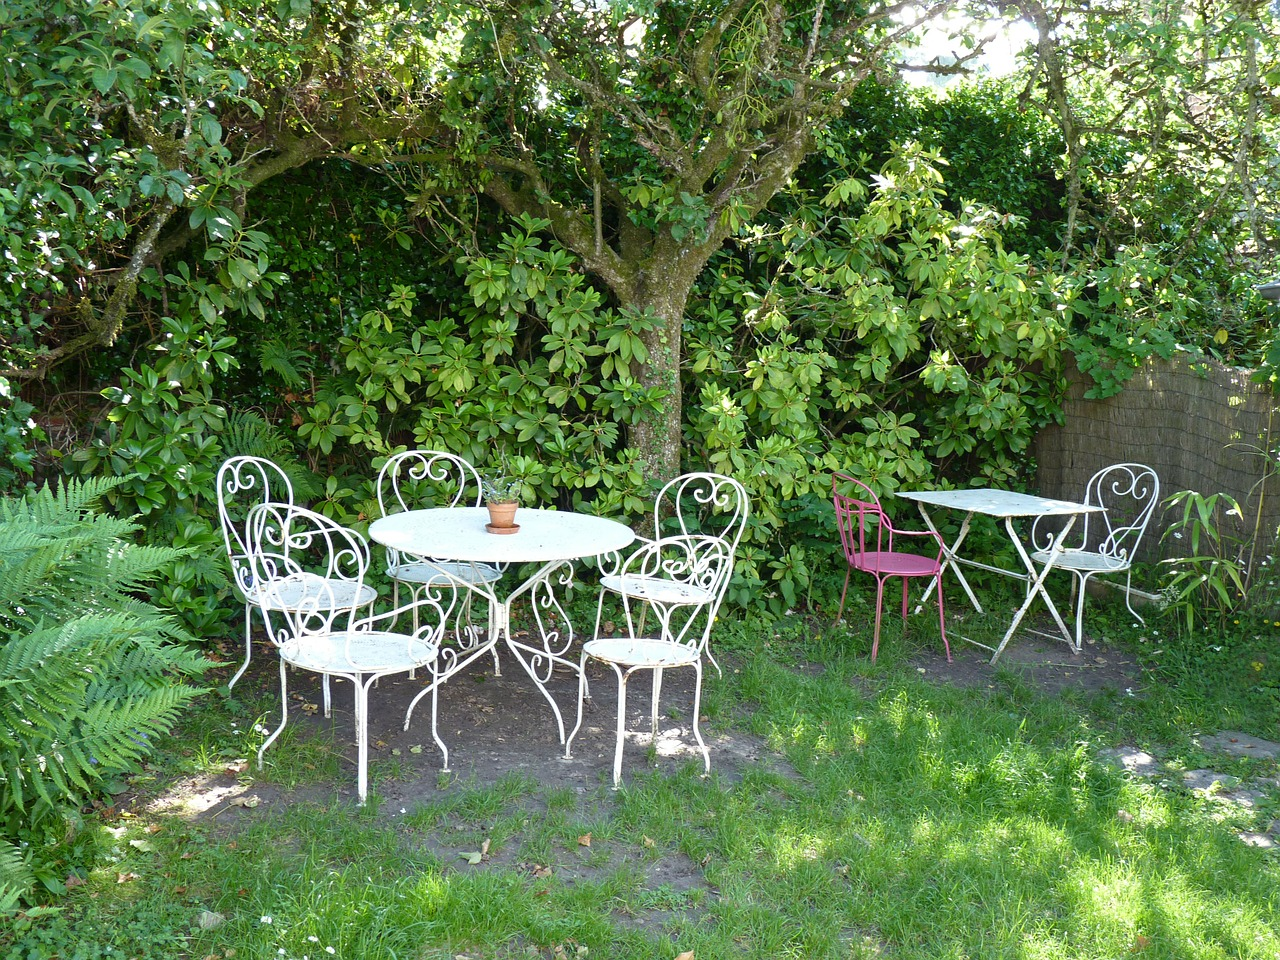 mobilier de jardin, chaises et table ronde style bistrot